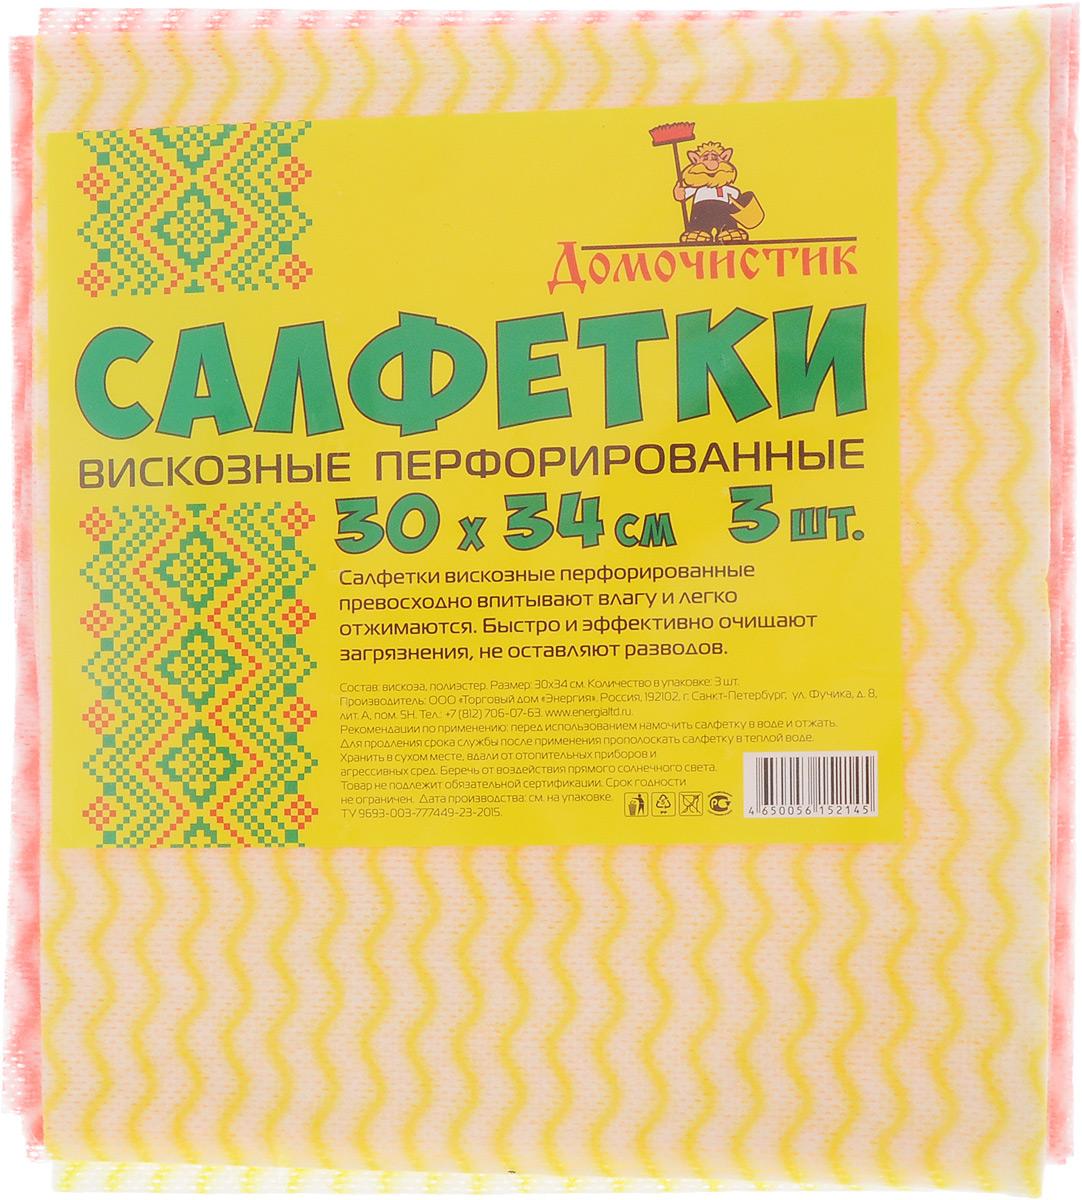 Салфетка для уборки Домочистик из вискозы, перфорированная, цвет: красный, желтый, белый, 30 x 34 см, 3 шт. 1300613006_желтый, красныйПерфорированные вискозные салфетки для уборки Домочистик превосходно впитывают влагу и легко отжимаются. Быстро и эффективно очищают загрязнения, не оставляют разводов. В комплект входят 3 салфетки.